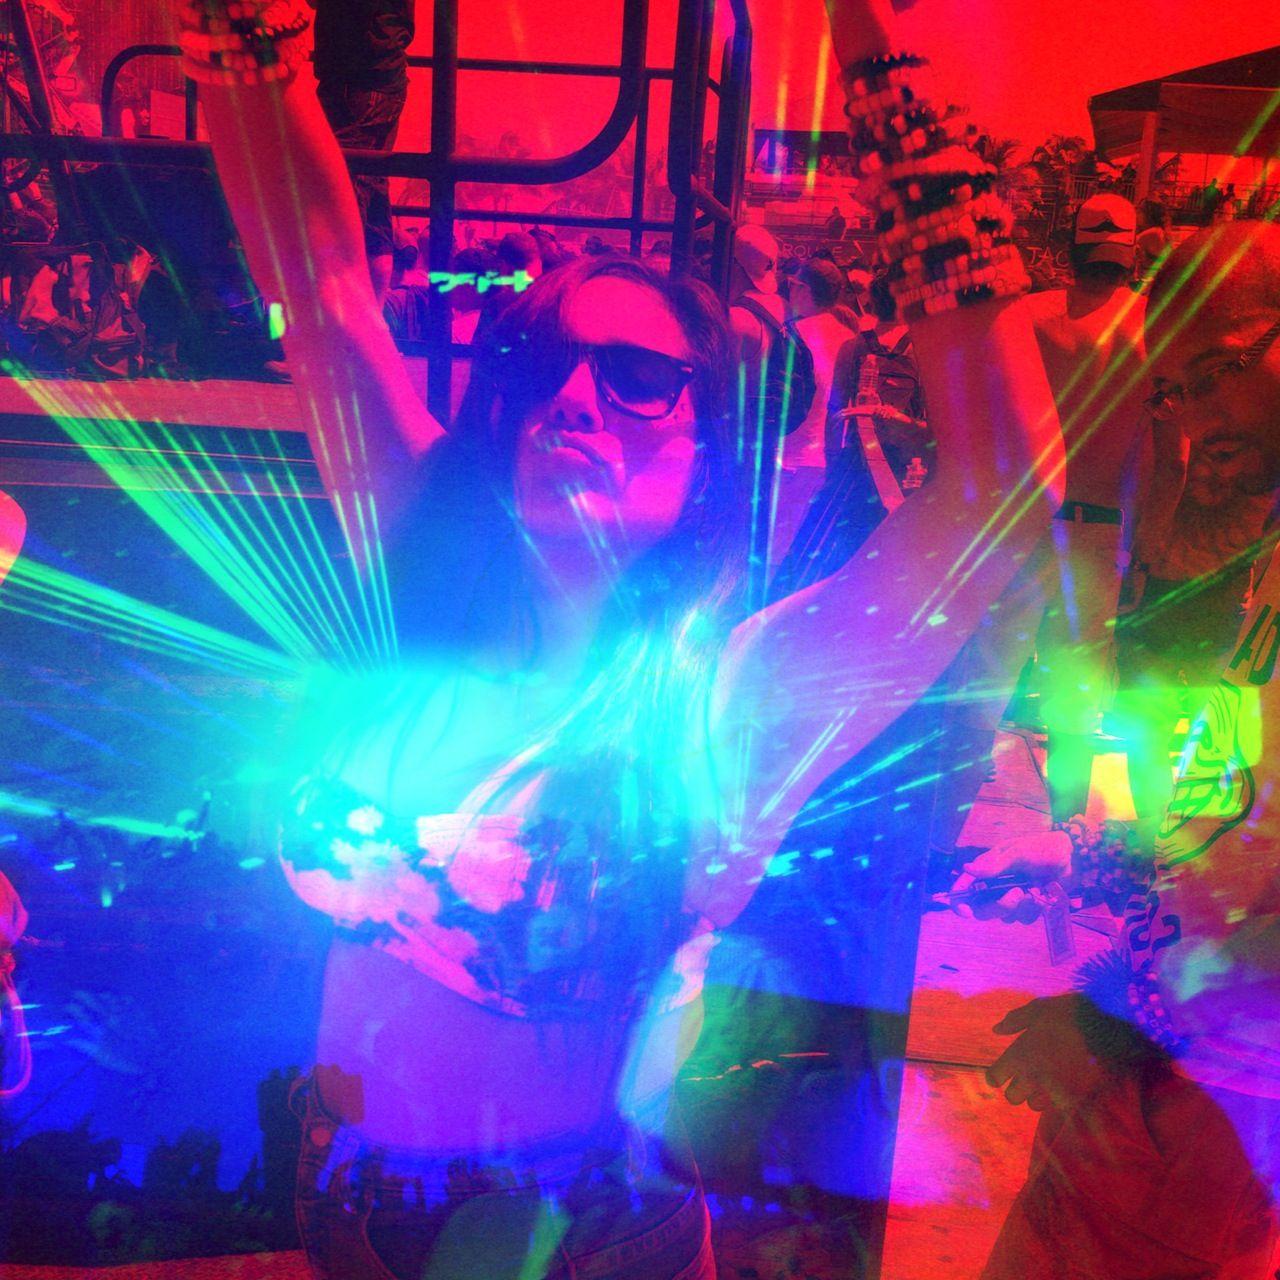 Ultra Music Festival Trippy Miami Florida Swedish House Mafia Rave Ultra Music Festival Ultra Music Festival Miami Music Festival